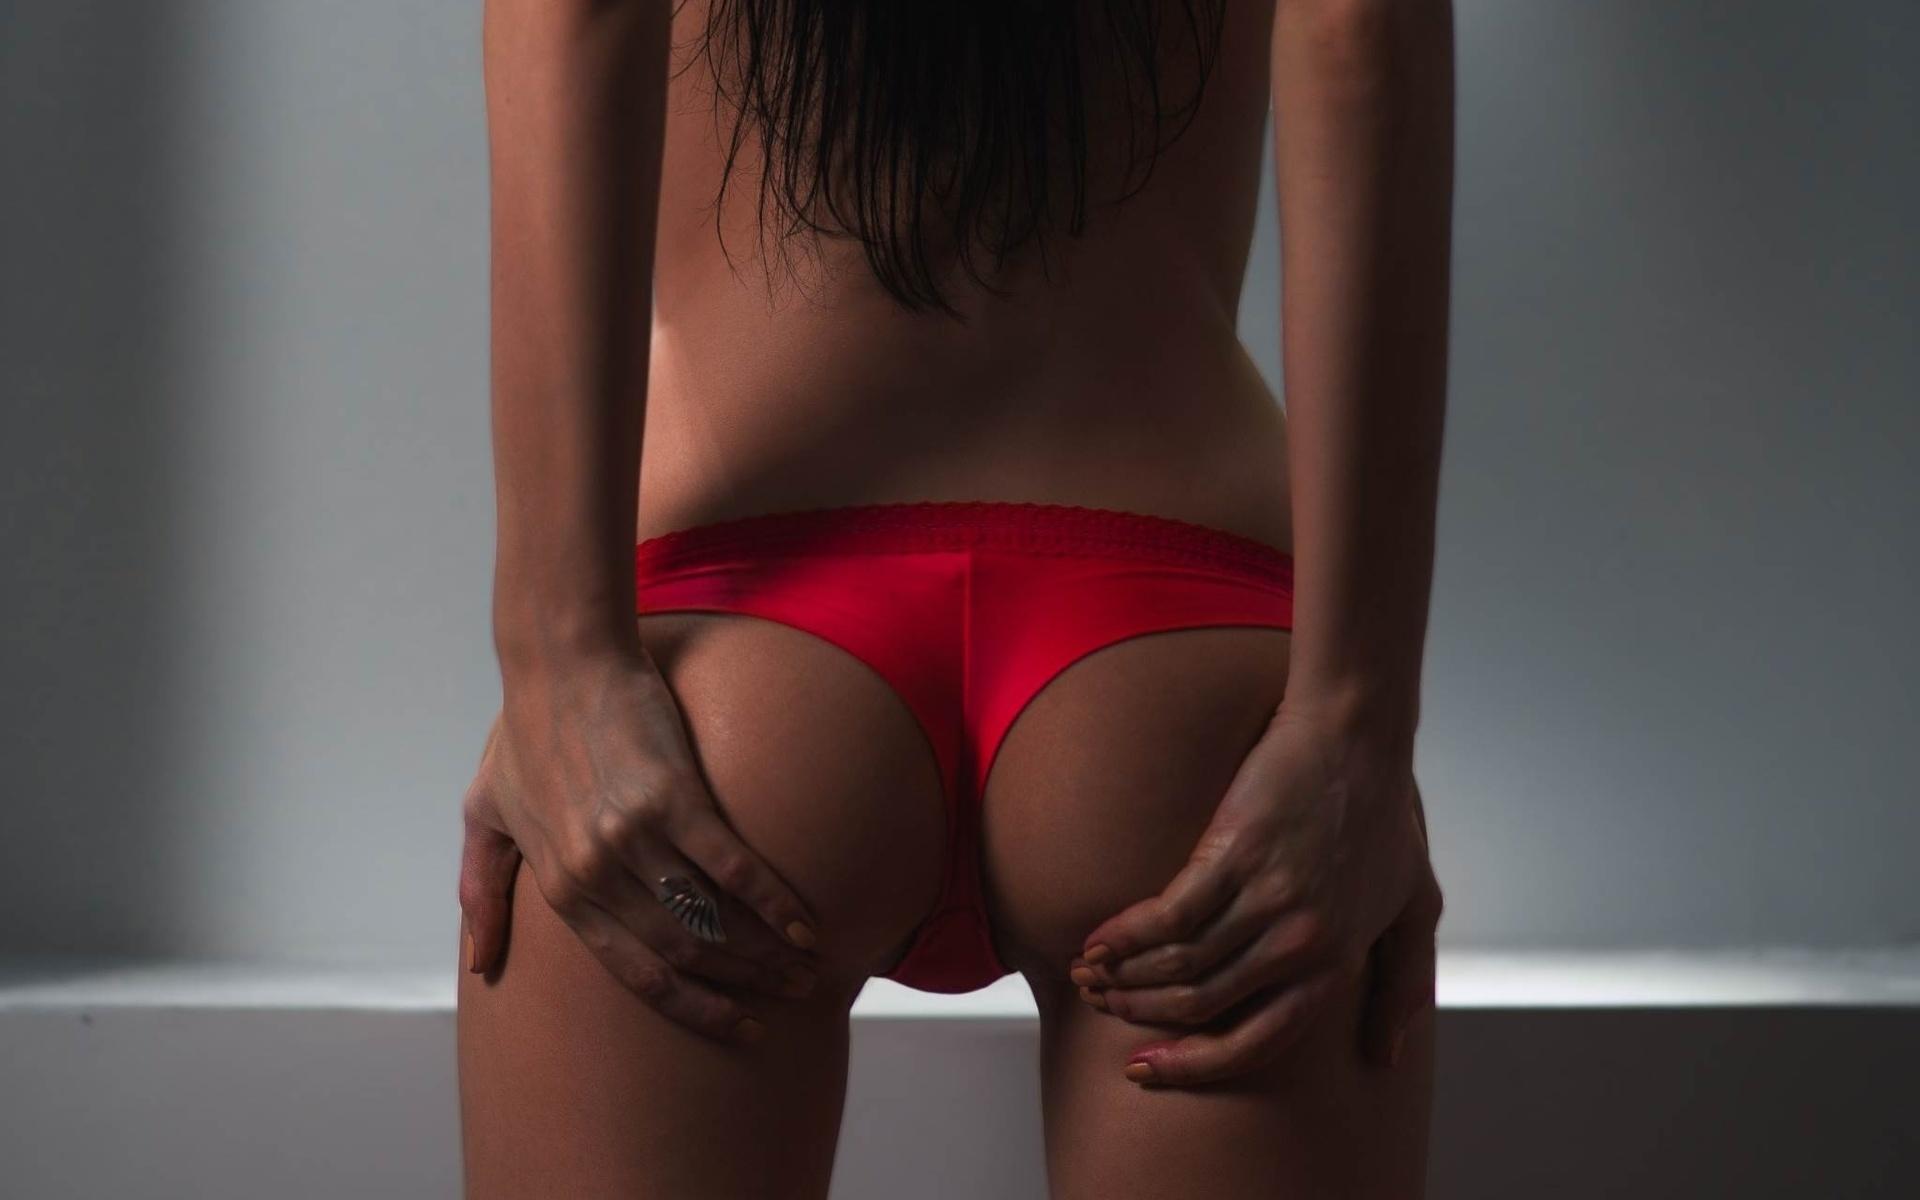 Картинки красные трусики девушек картинки, парень трахает транса фотогалерея